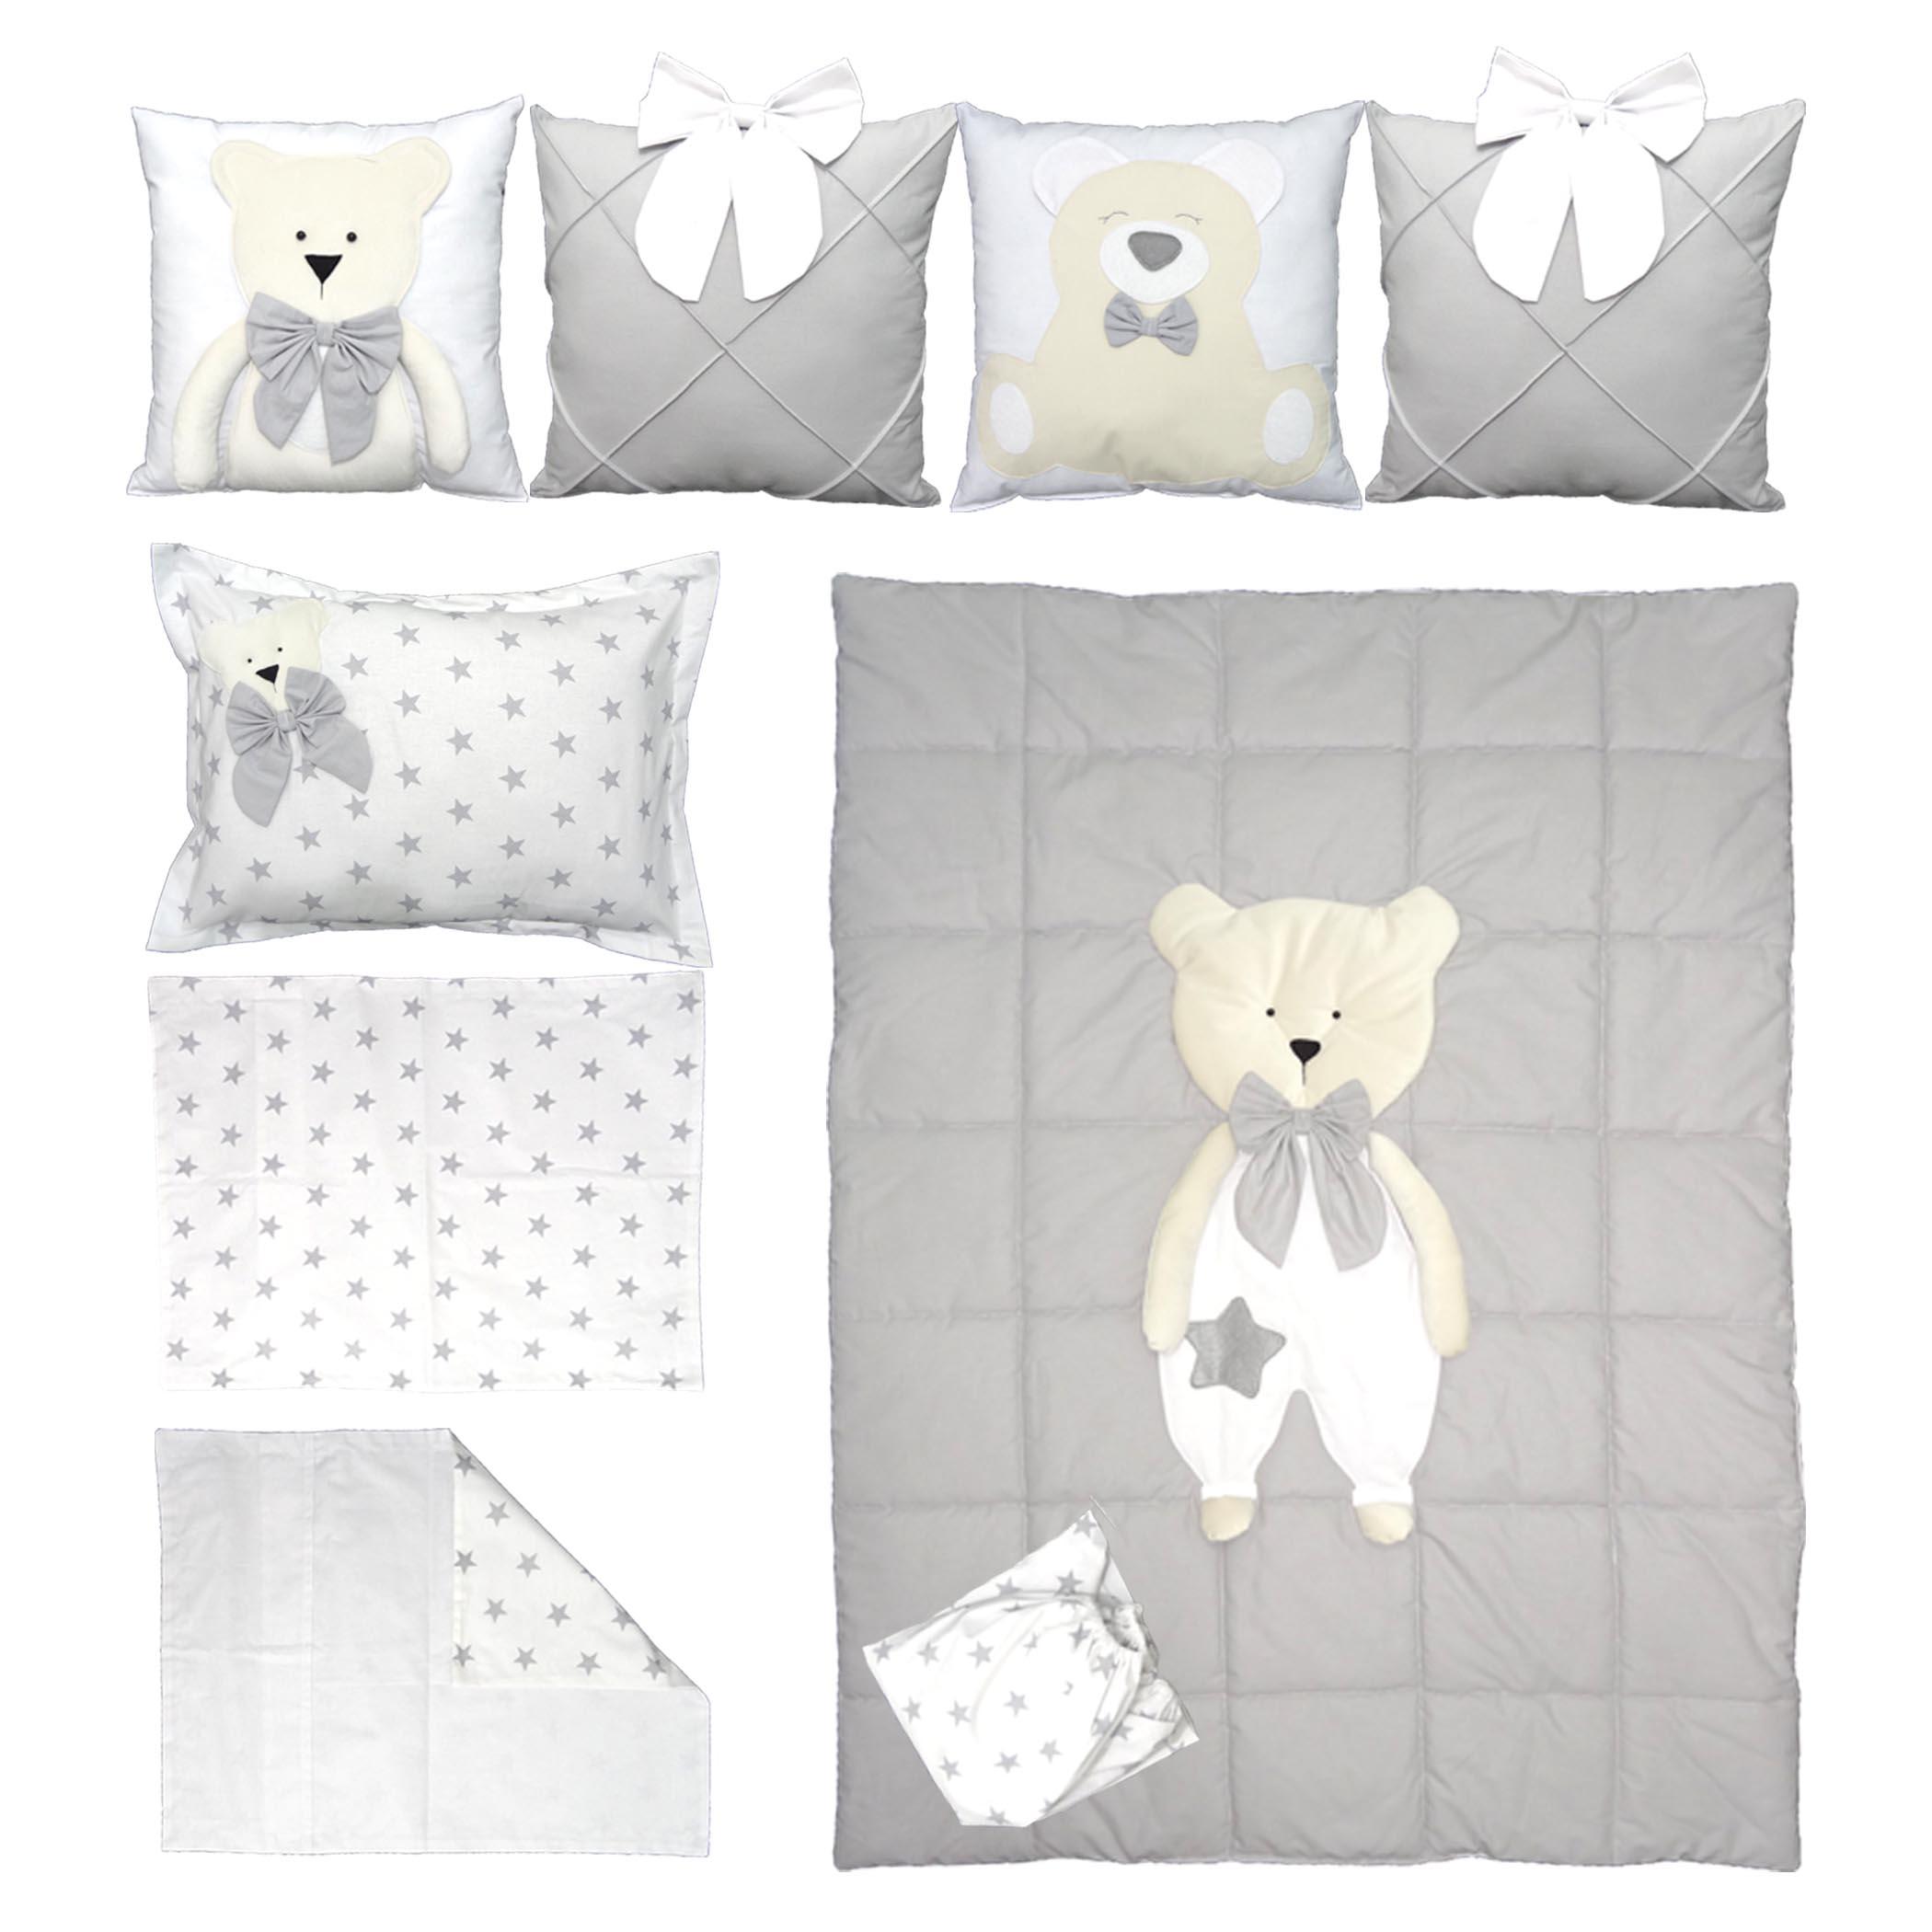 سرویس خواب 9 تکه کودک مدل Kindly Bear